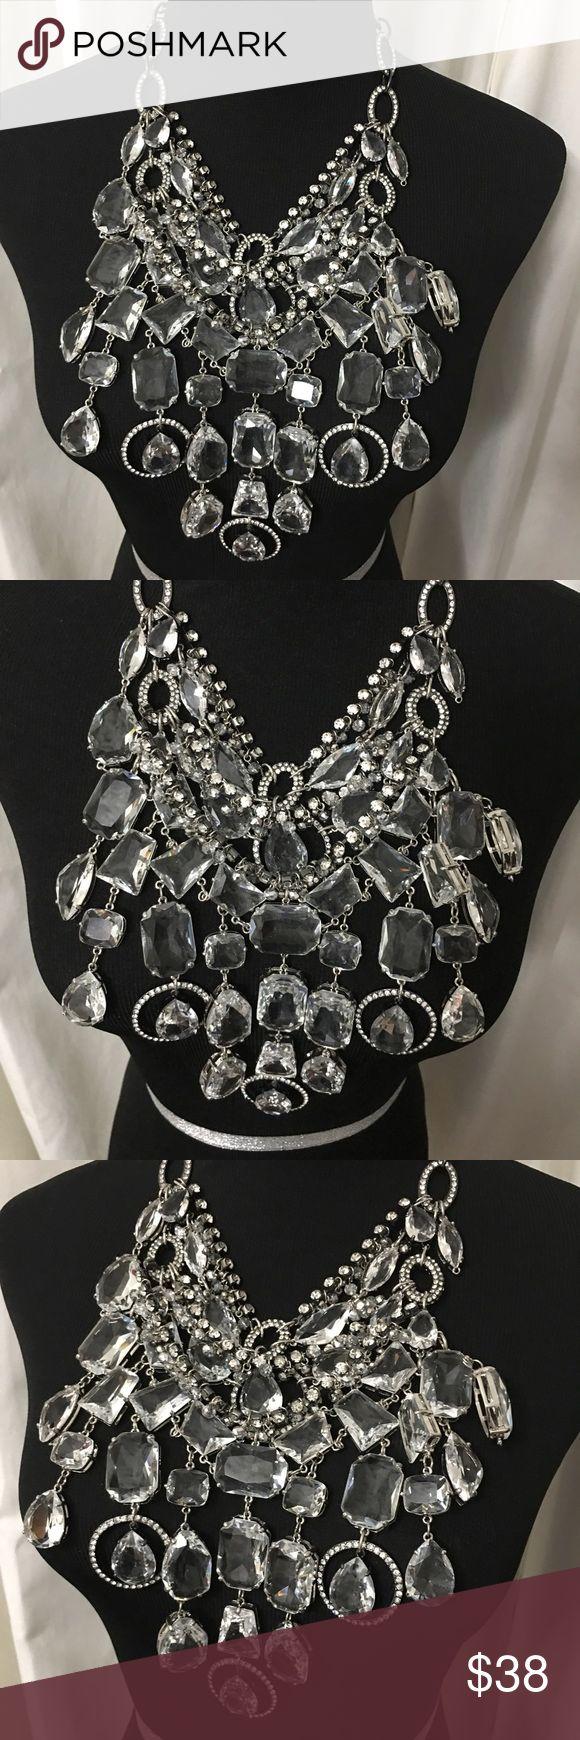 Chico's Necklace Chico's Necklace Chico's Jewelry Necklaces